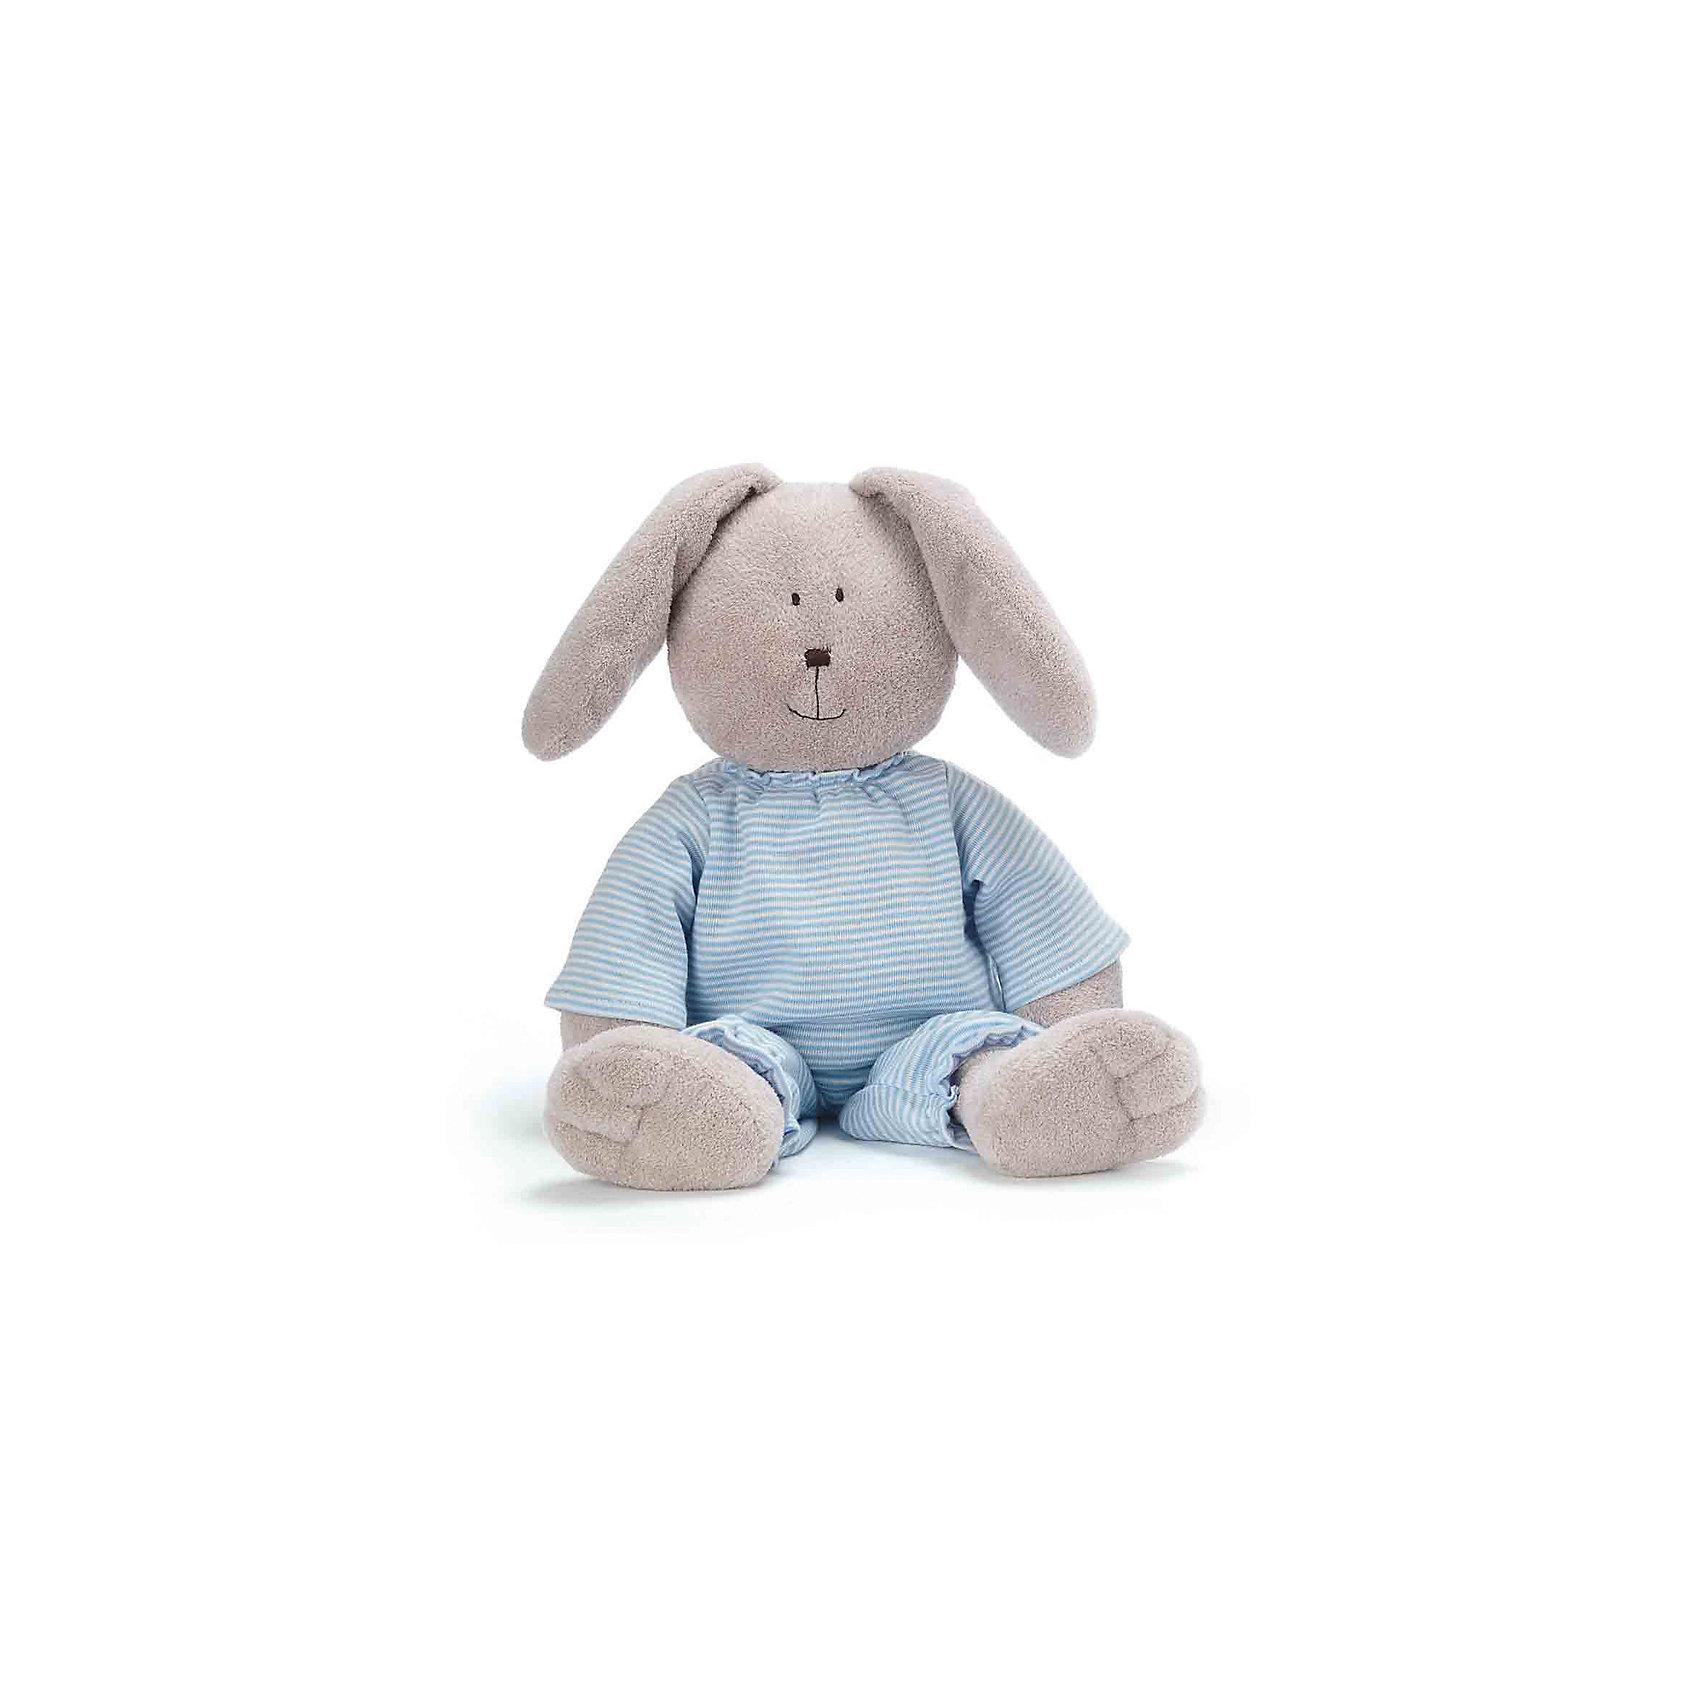 Альф большой (41см), TeddykompanietМягкая игрушка Альф большой, 41см, Teddykompaniet - игрушка, которая станет  верным другом в минуты отхода ко сну. Ведь Альф одет в настоящую пижамку!<br><br>Все игрушки от Teddykompaniet (Швеция) произведены в соответствии с существующими европейскими стандартами безопасности продукции и с заботой о детях: пластиковые детали (глазки, носы и др.) надежно закреплены и не отрываются; продукция устойчива к огню и непожароопасна; 3) в производстве используются только нетоксичные краски и материалы.<br><br>Дополнительная информация:<br><br>- В комплекте: мягкая игрушка - 1 шт.<br>- Размер игрушки: 41 см.<br>- Материал: текстиль.<br><br>Мягкую игрушку Альф большой, 41см, Teddykompaniet можно купить в нашем интернет-магазине.<br><br>Ширина мм: 150<br>Глубина мм: 200<br>Высота мм: 410<br>Вес г: 300<br>Возраст от месяцев: 12<br>Возраст до месяцев: 1188<br>Пол: Унисекс<br>Возраст: Детский<br>SKU: 3319938